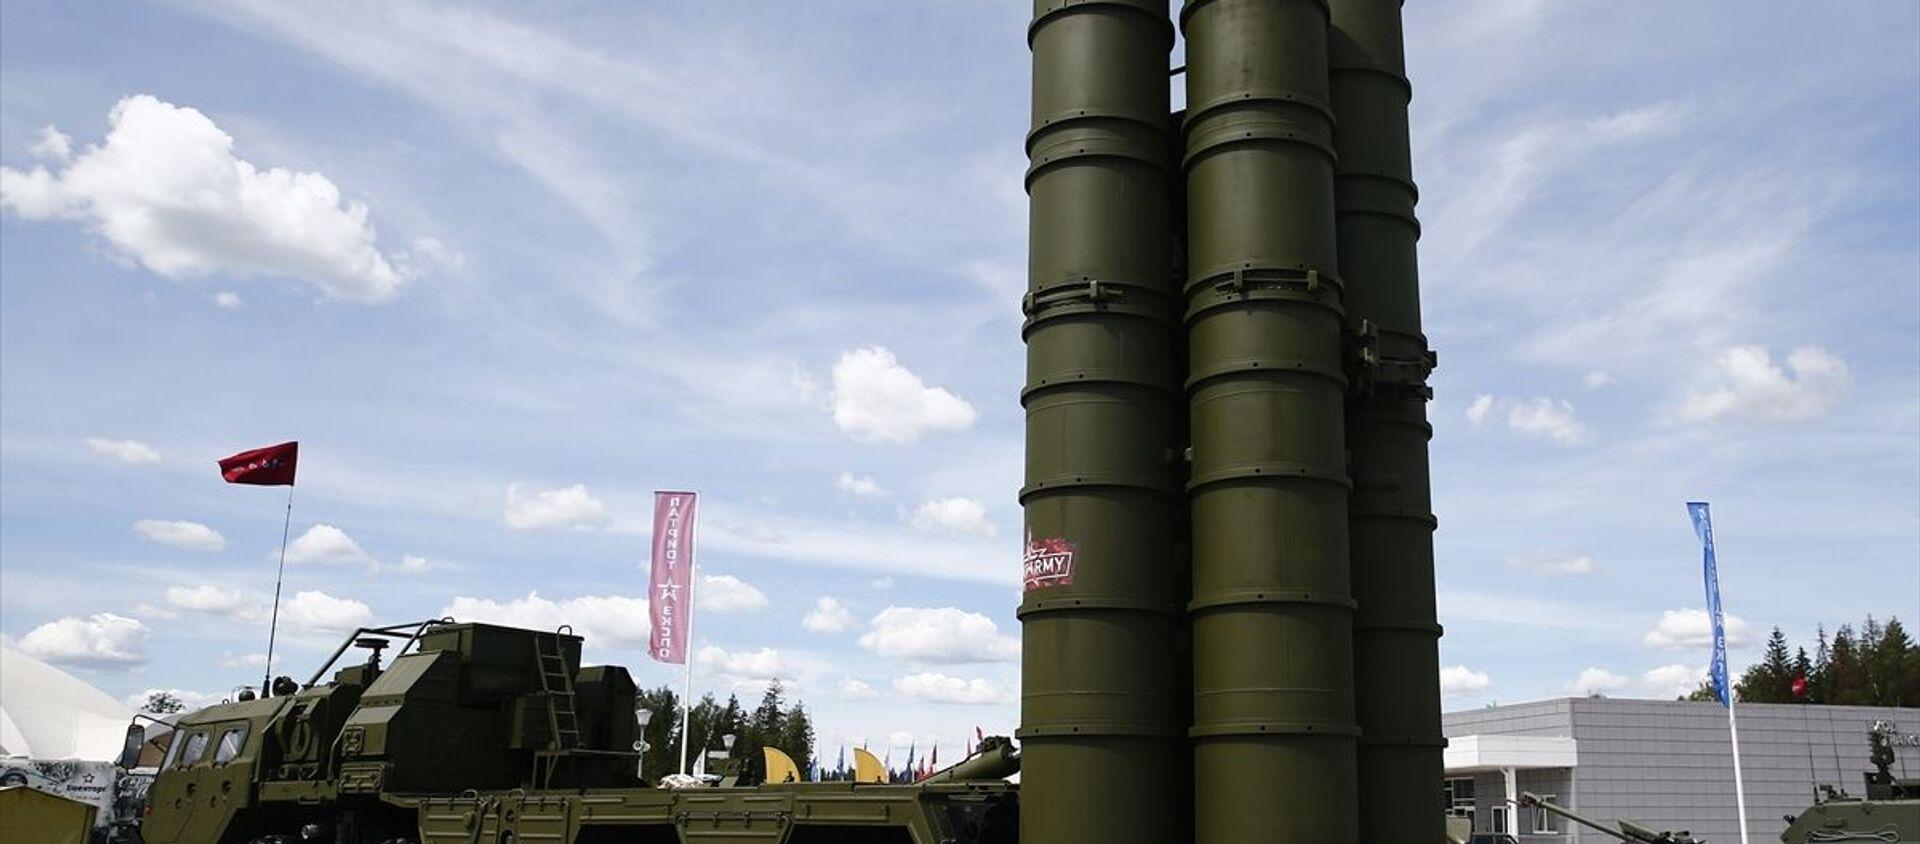 Yaklaşık bin 300 işletmenin 27 binden fazla askeri teknik ürününü tanıttığı fuarda, aralarında Türkiye, Azerbaycan, Çin, Hindistan ve Pakistan gibi ülkelerin savunma sanayisinden de örnekler gösterildi.  - Sputnik Türkiye, 1920, 01.12.2020